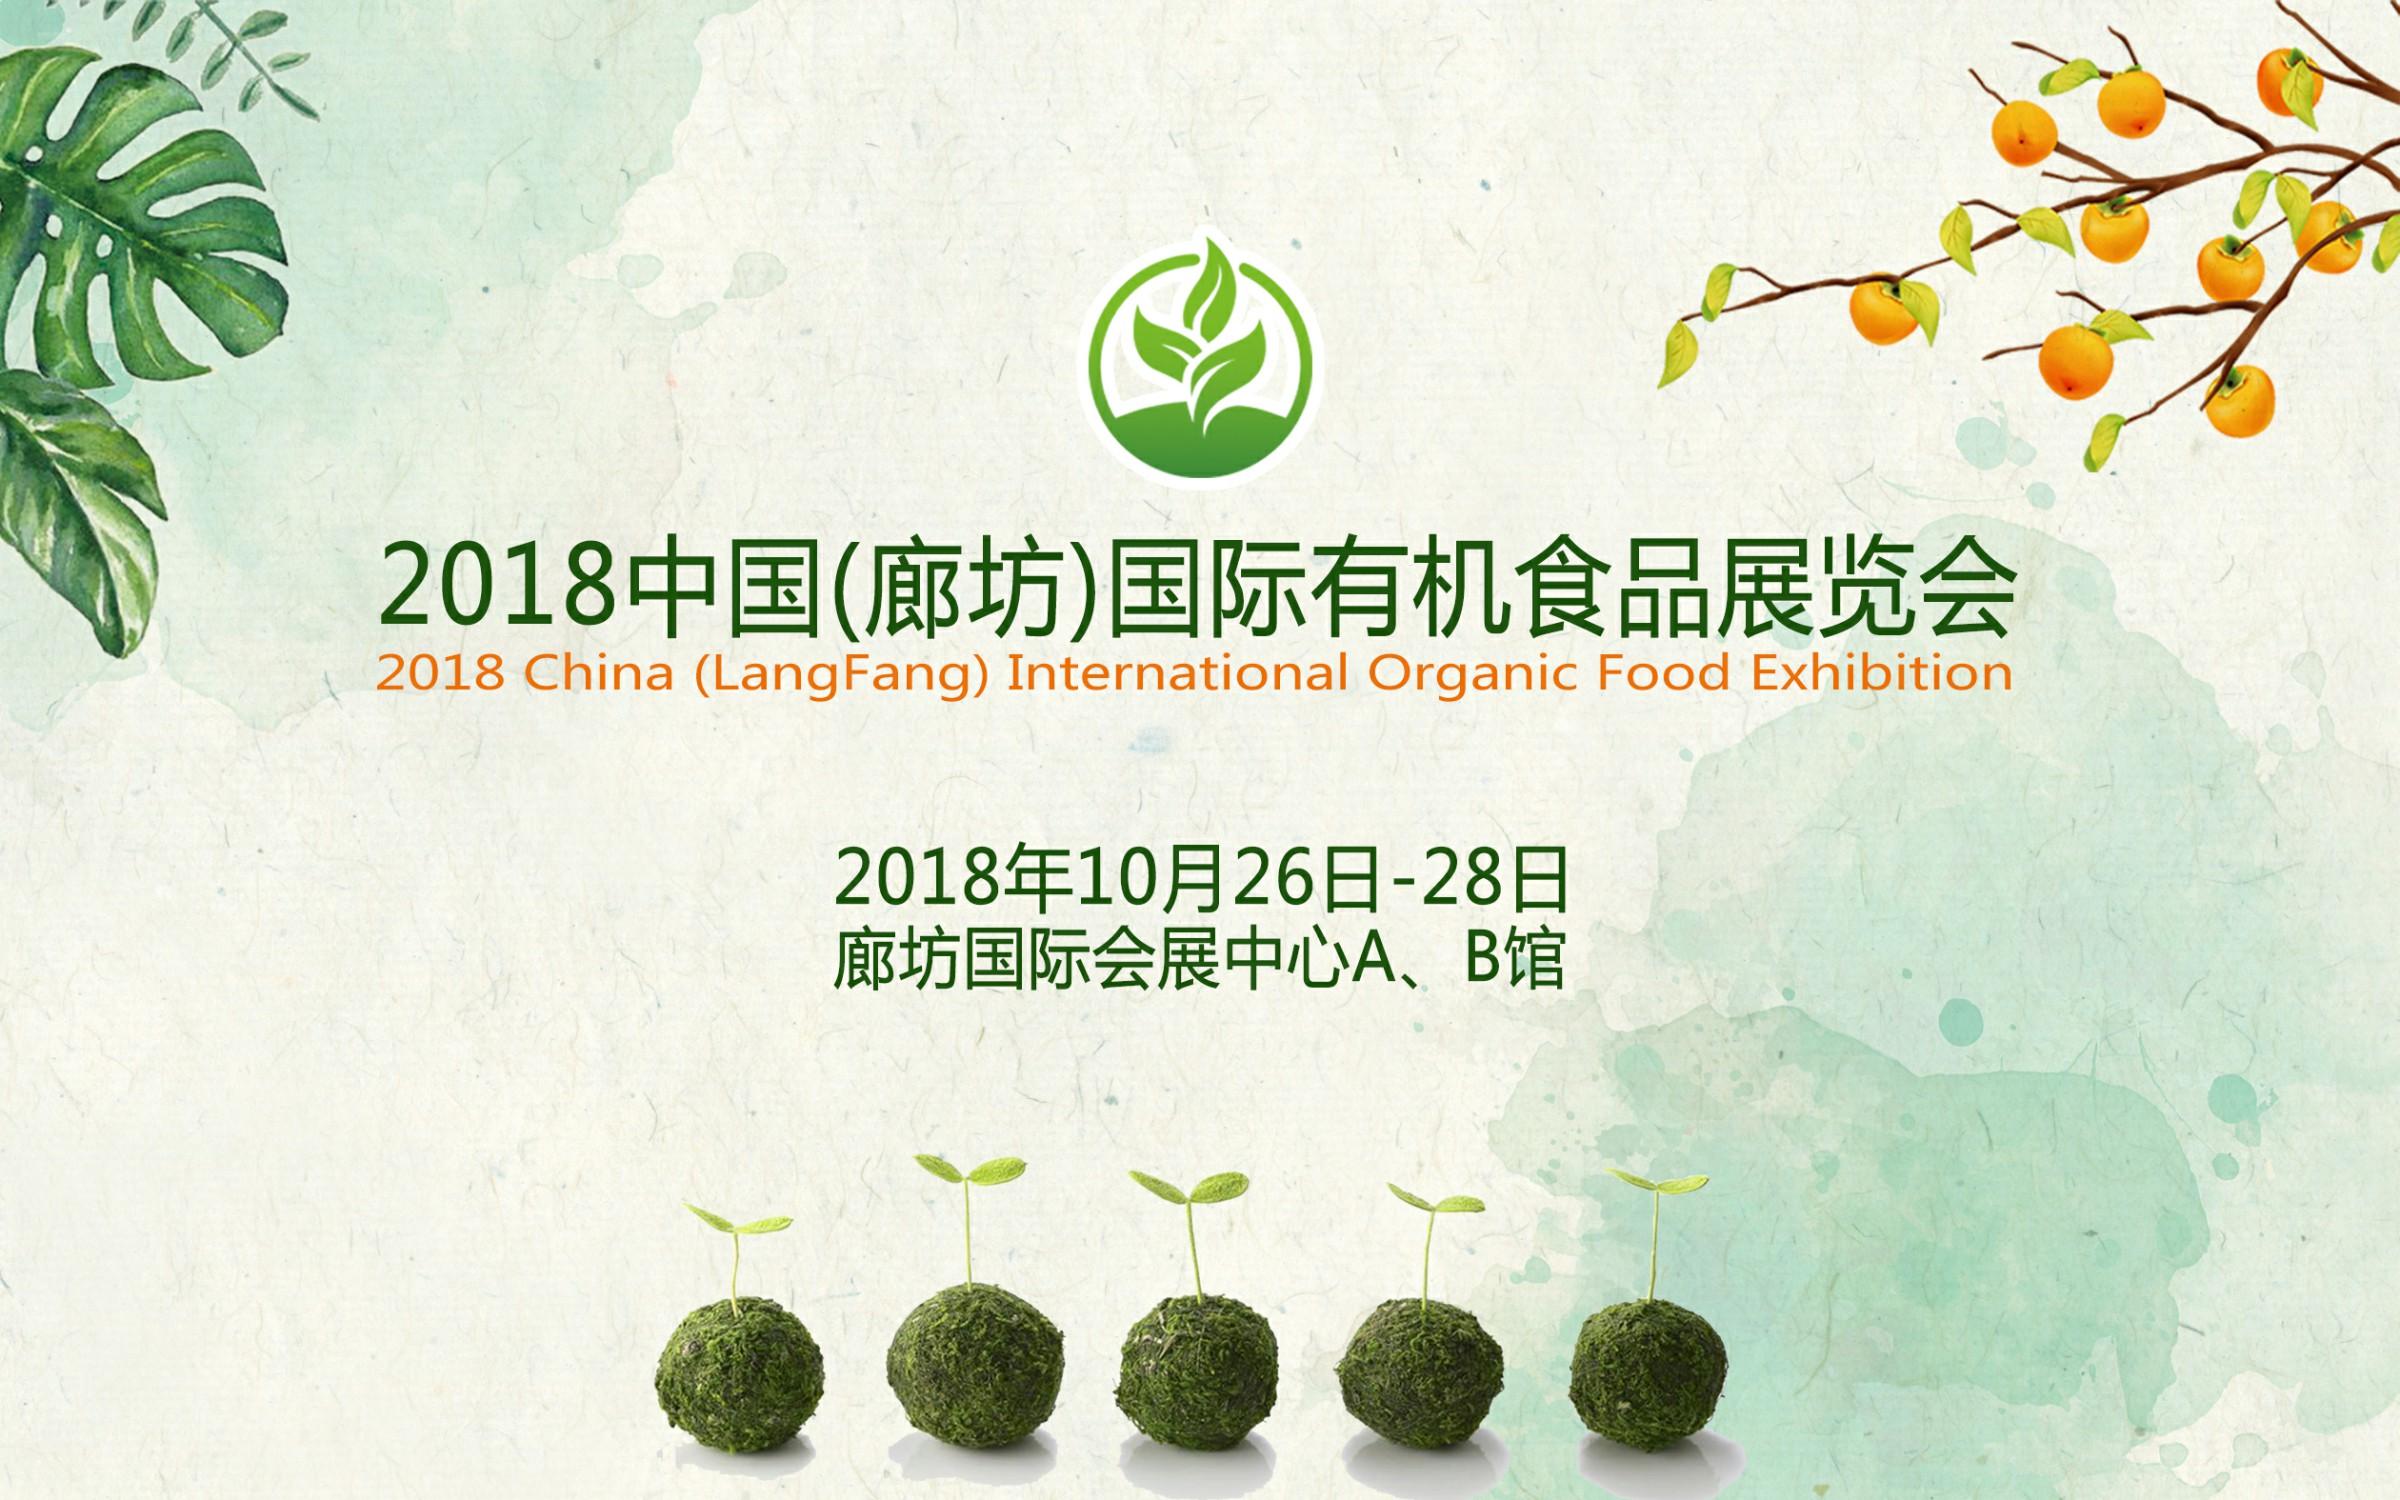 2018中国(廊坊)国际有机食品展览会